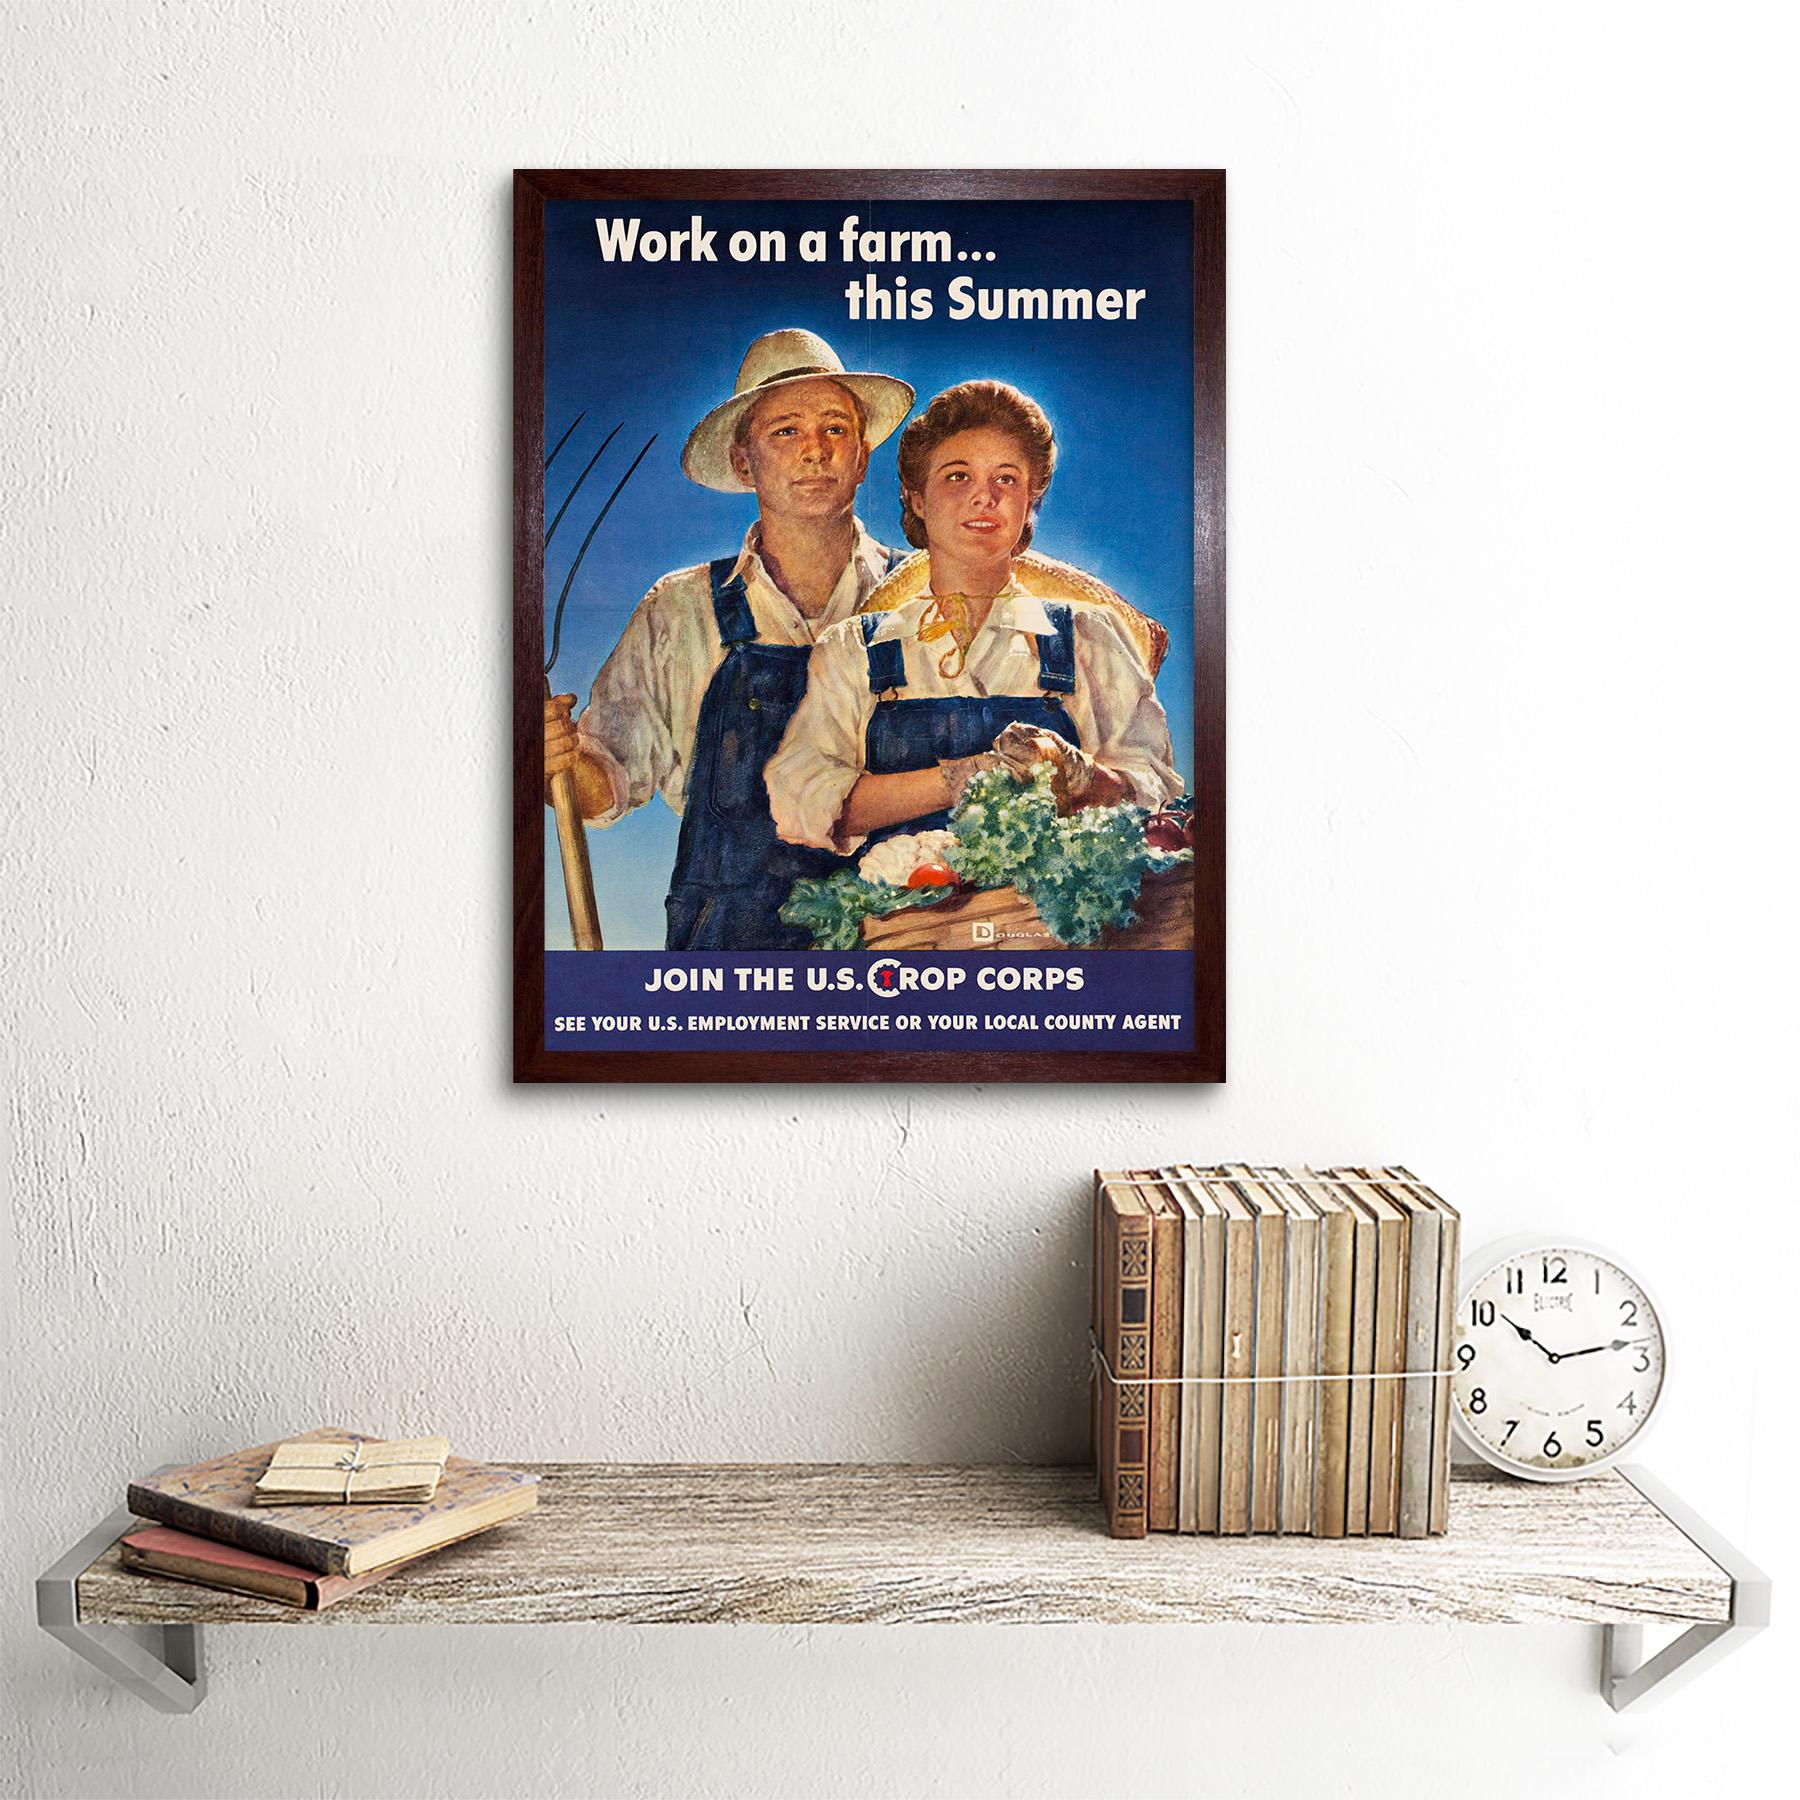 UU 12X16 pulgadas enmarcado impresión Guerra de propaganda política la segunda guerra mundial cultivo Corps trabajo agrícola EE